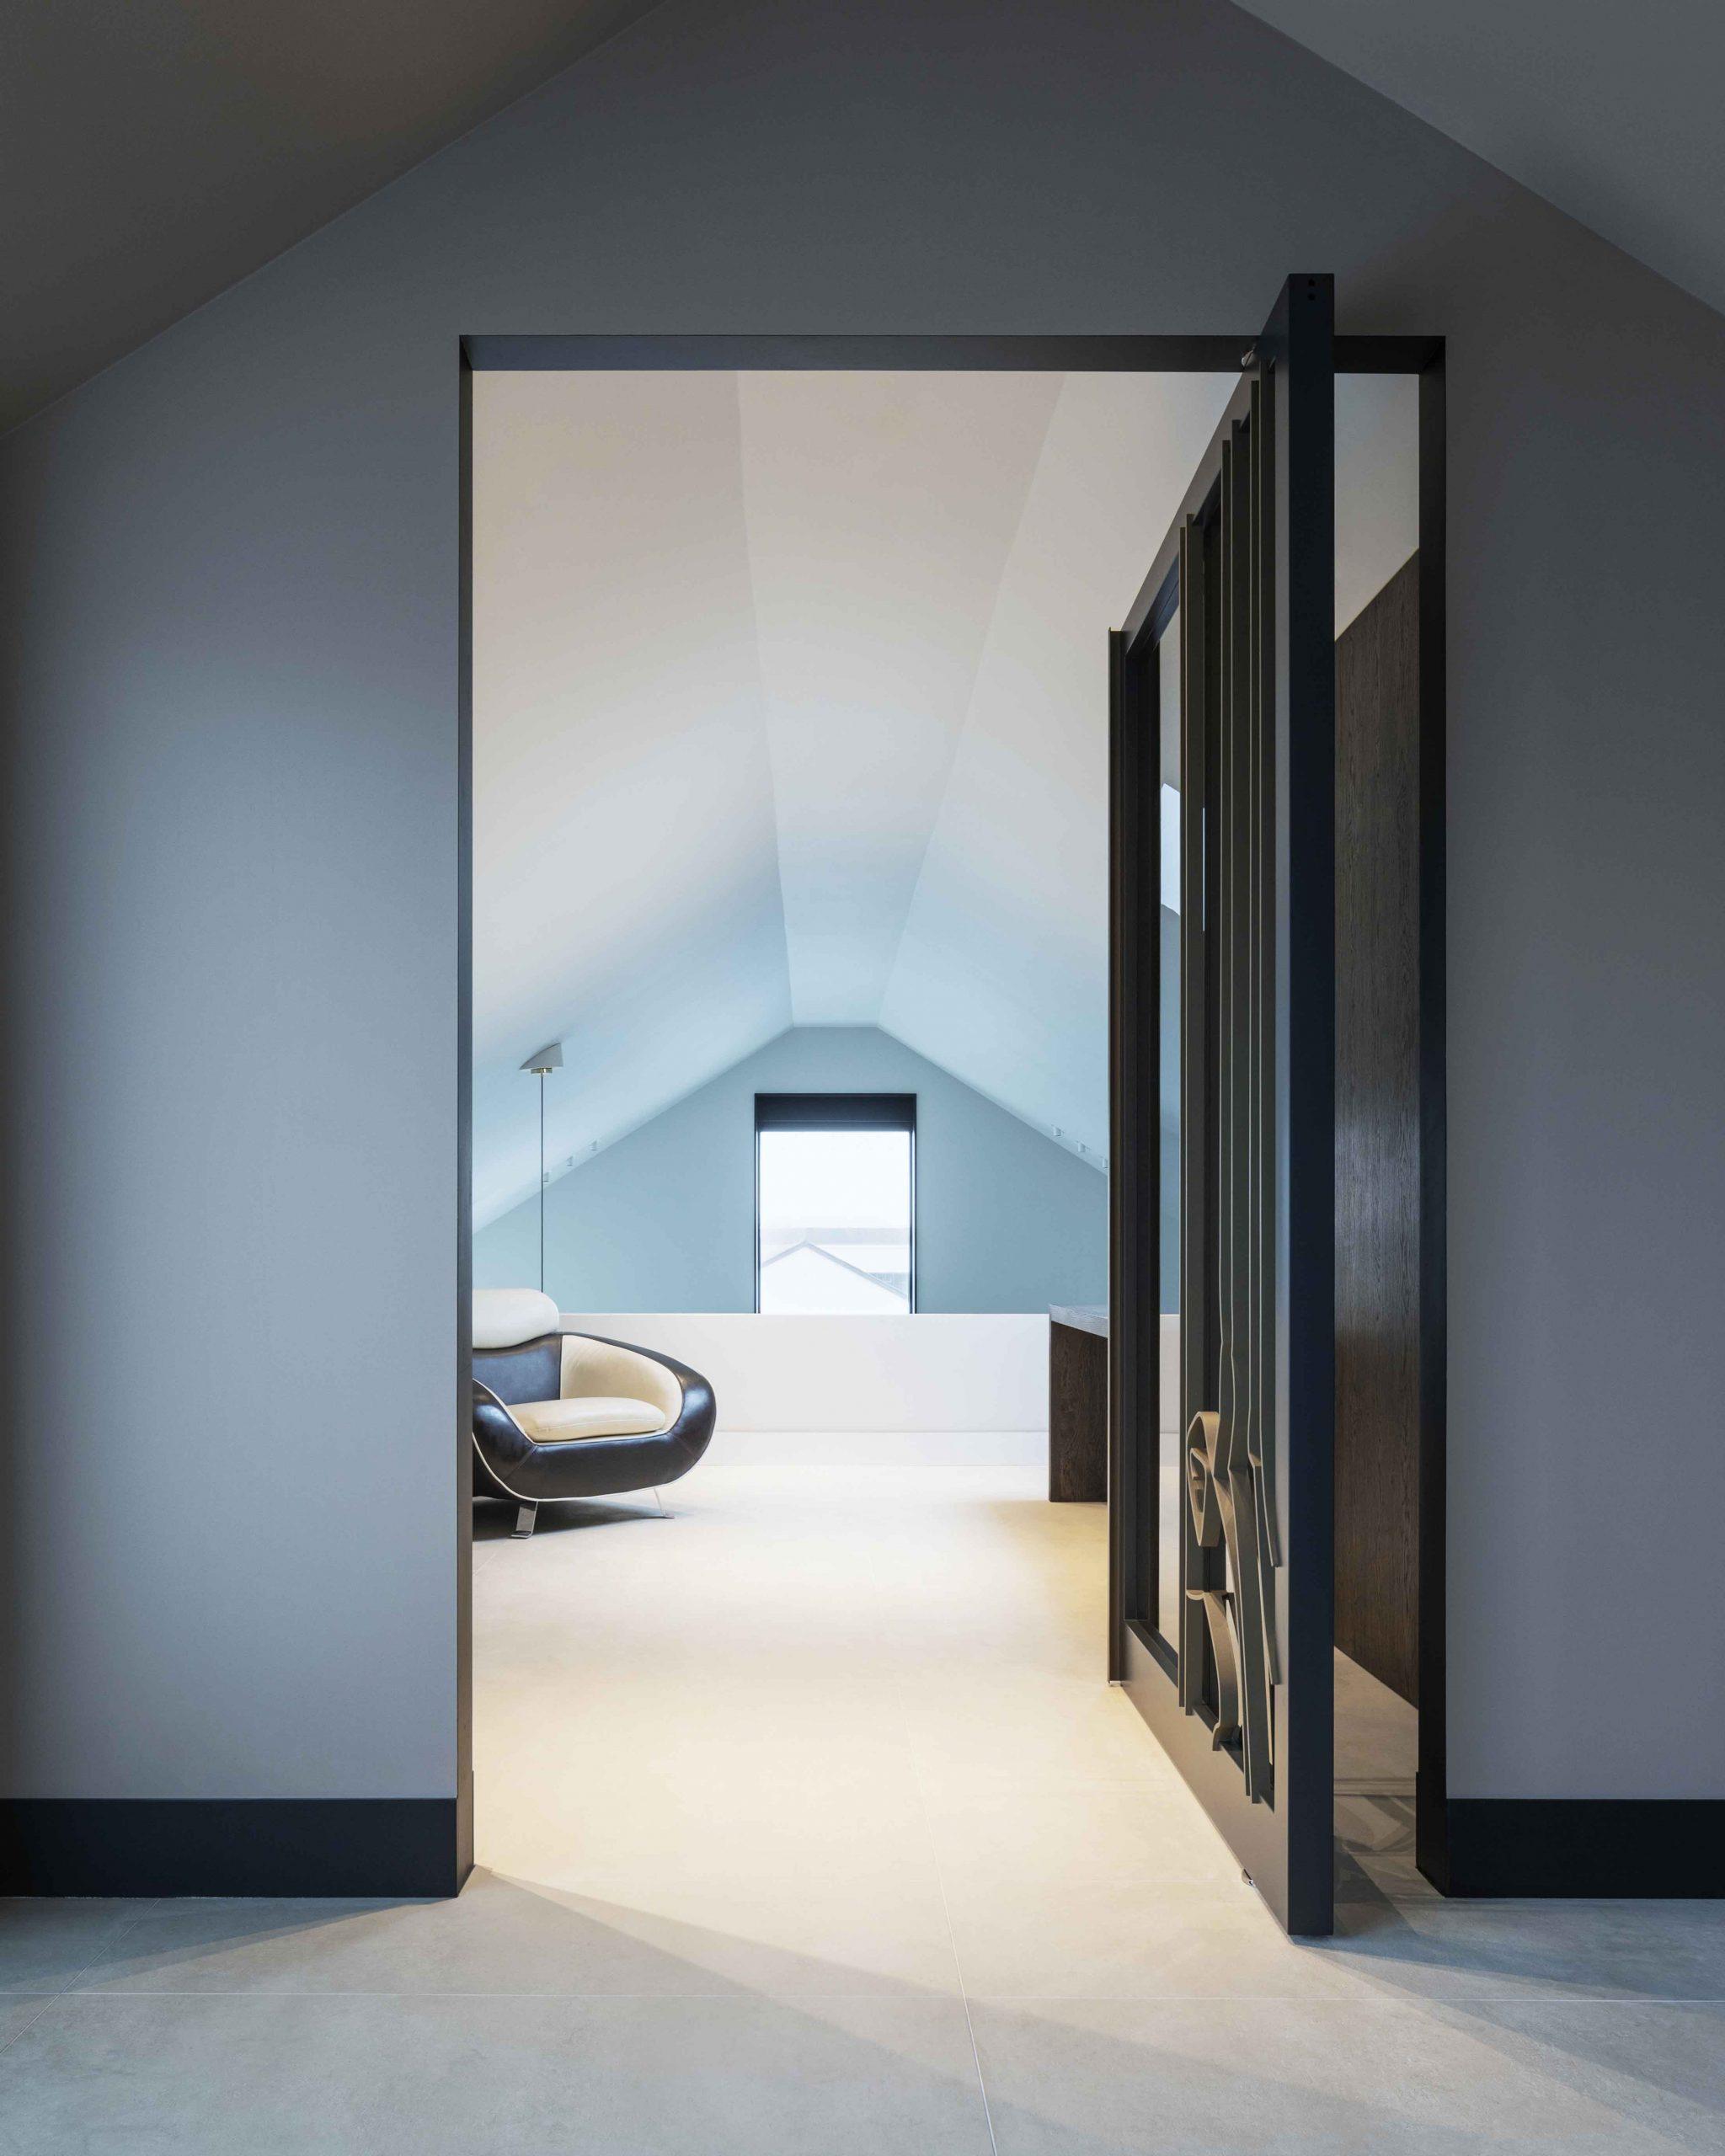 artistic-glass-pivot-door-with-fritsjurgens-pivot-hinge-inside-opened-nordiawerf-scaled.jpg